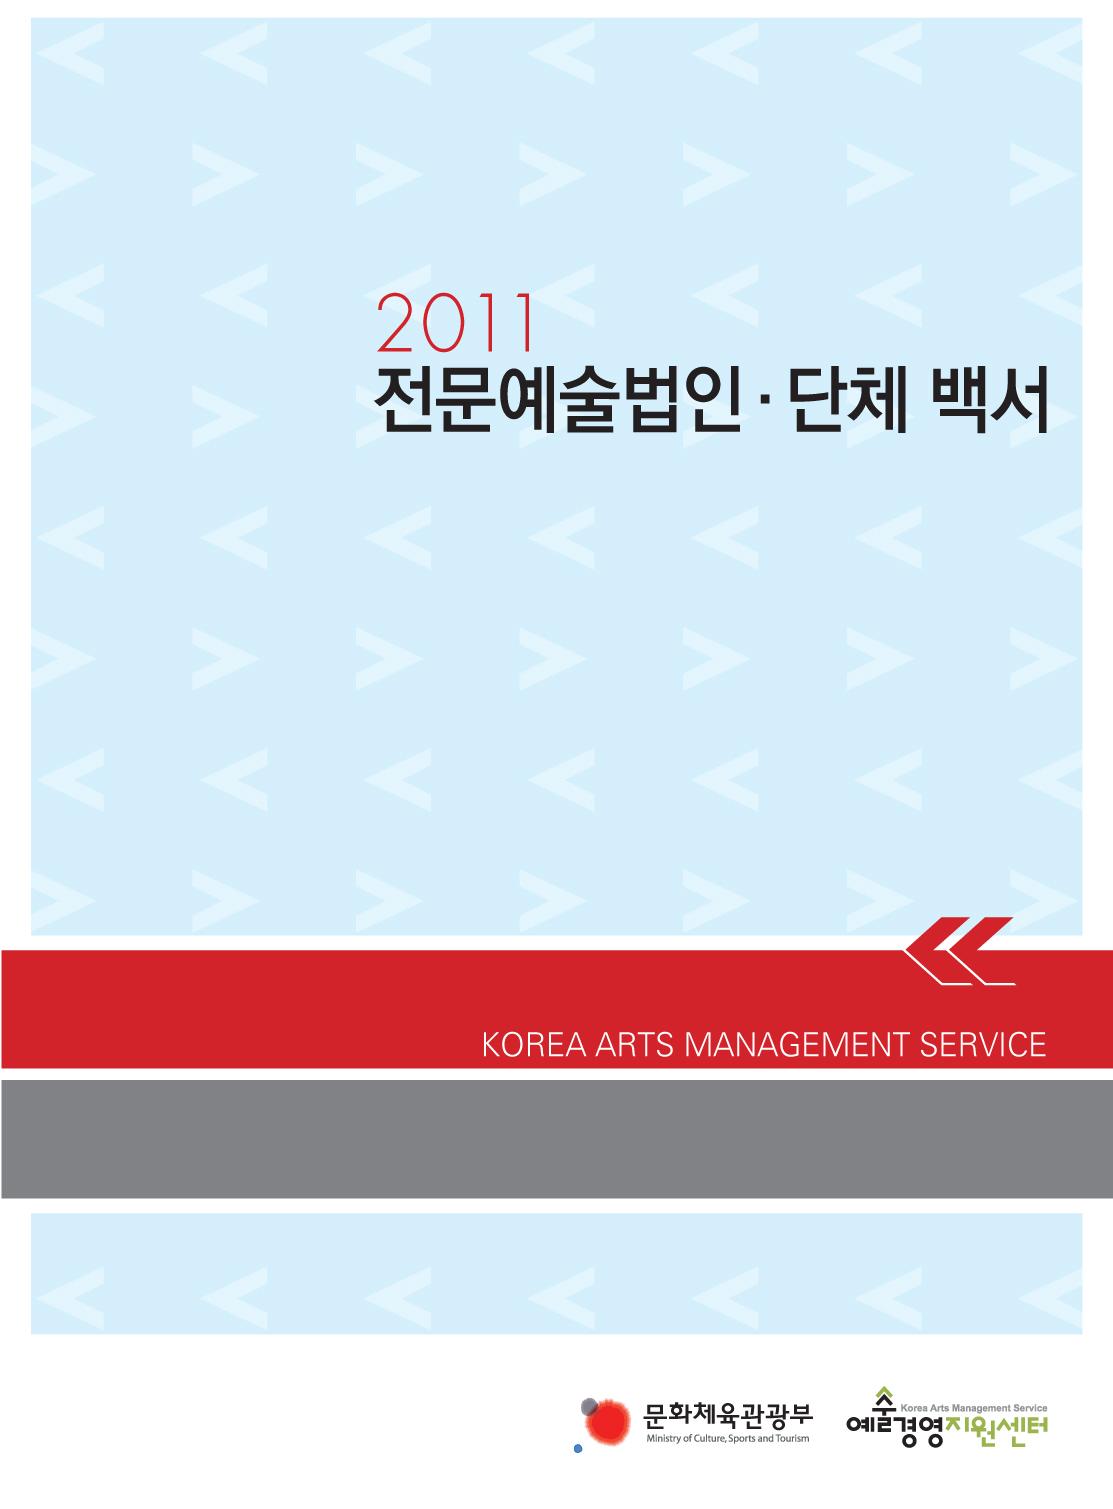 2011 전문예술법인단체 백서